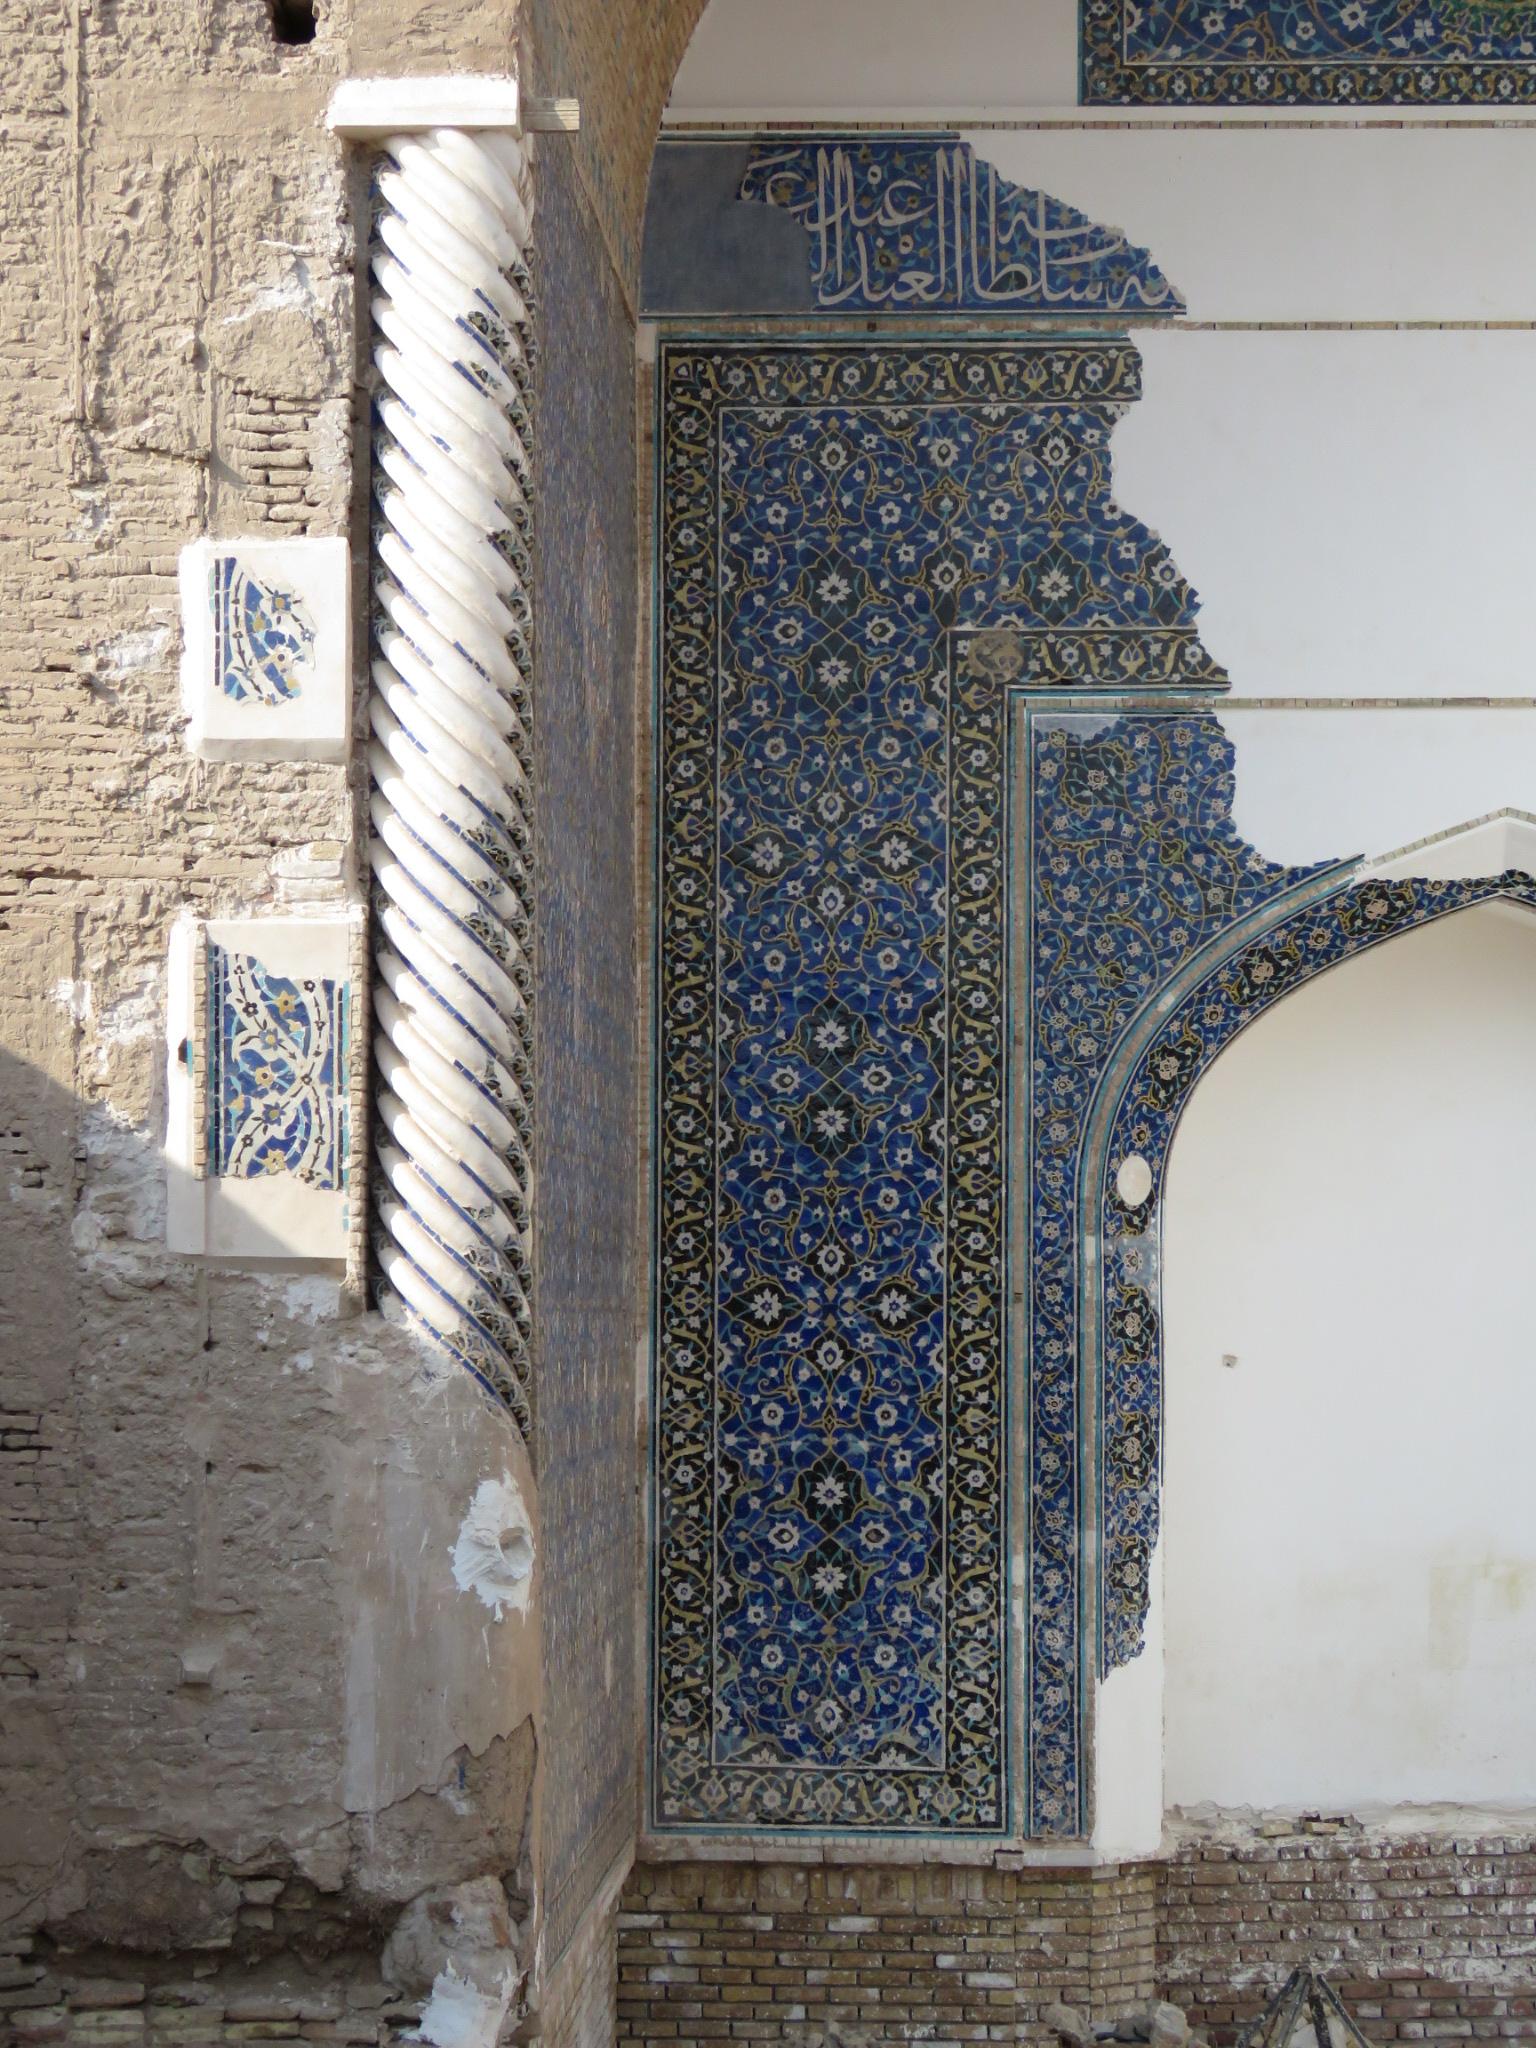 مدیر کل میراث فرهنگی استان کرمان: گمانه زنی و تعیین حریم قبه سبز به پایان رسید